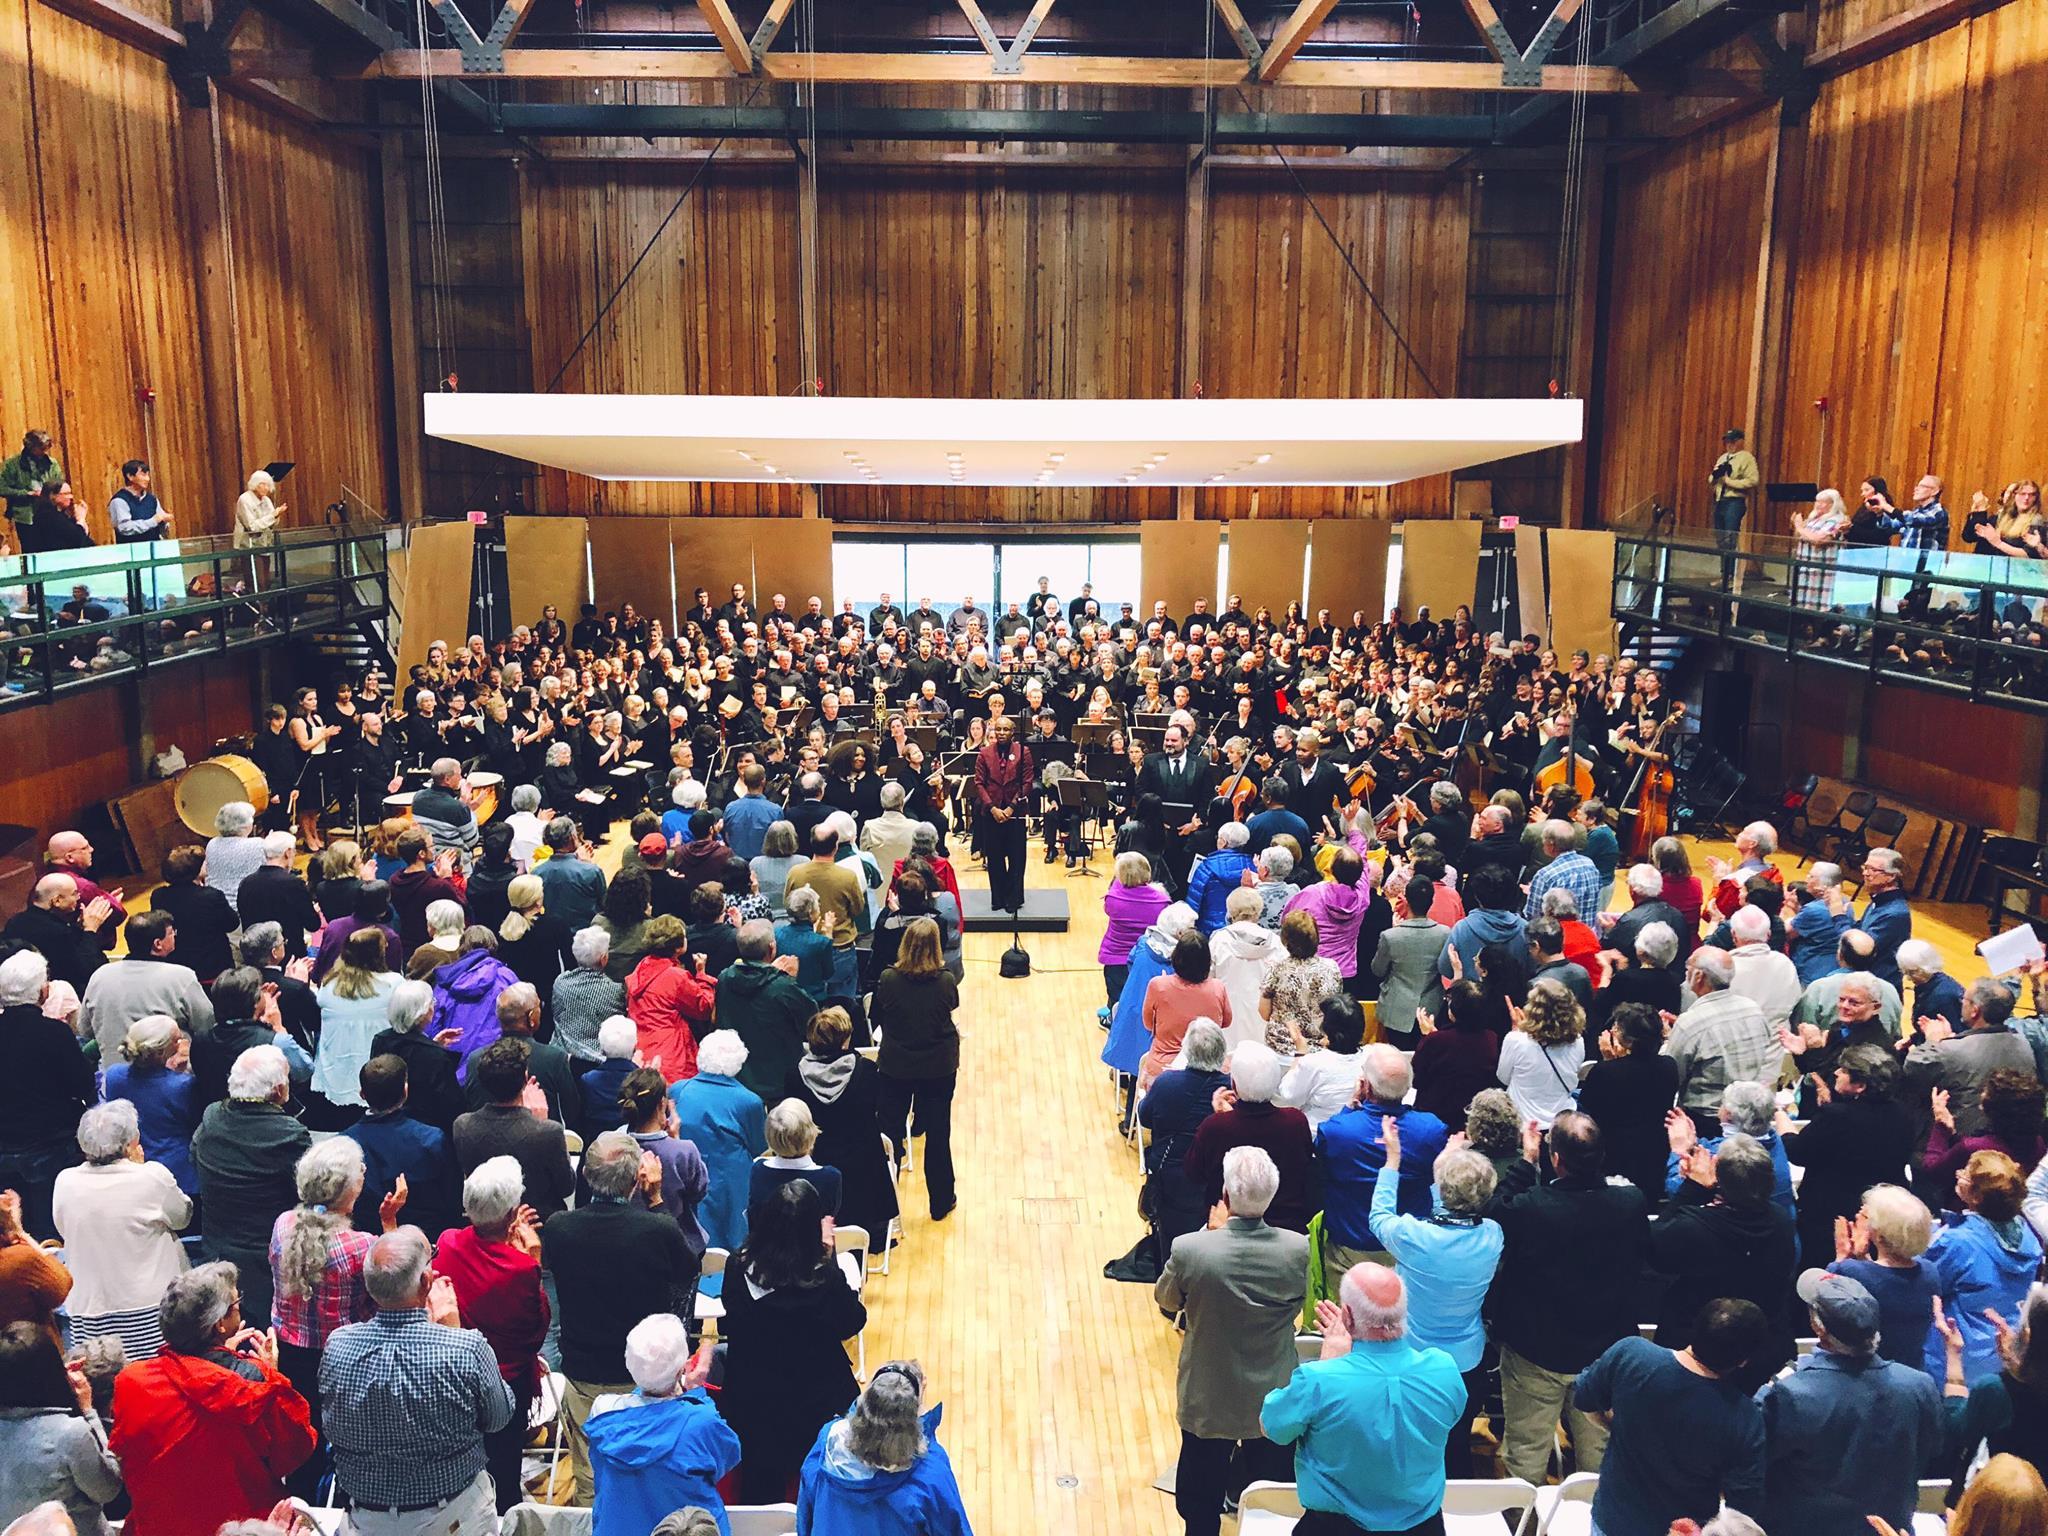 Spring 2018 Verdi's Requiem